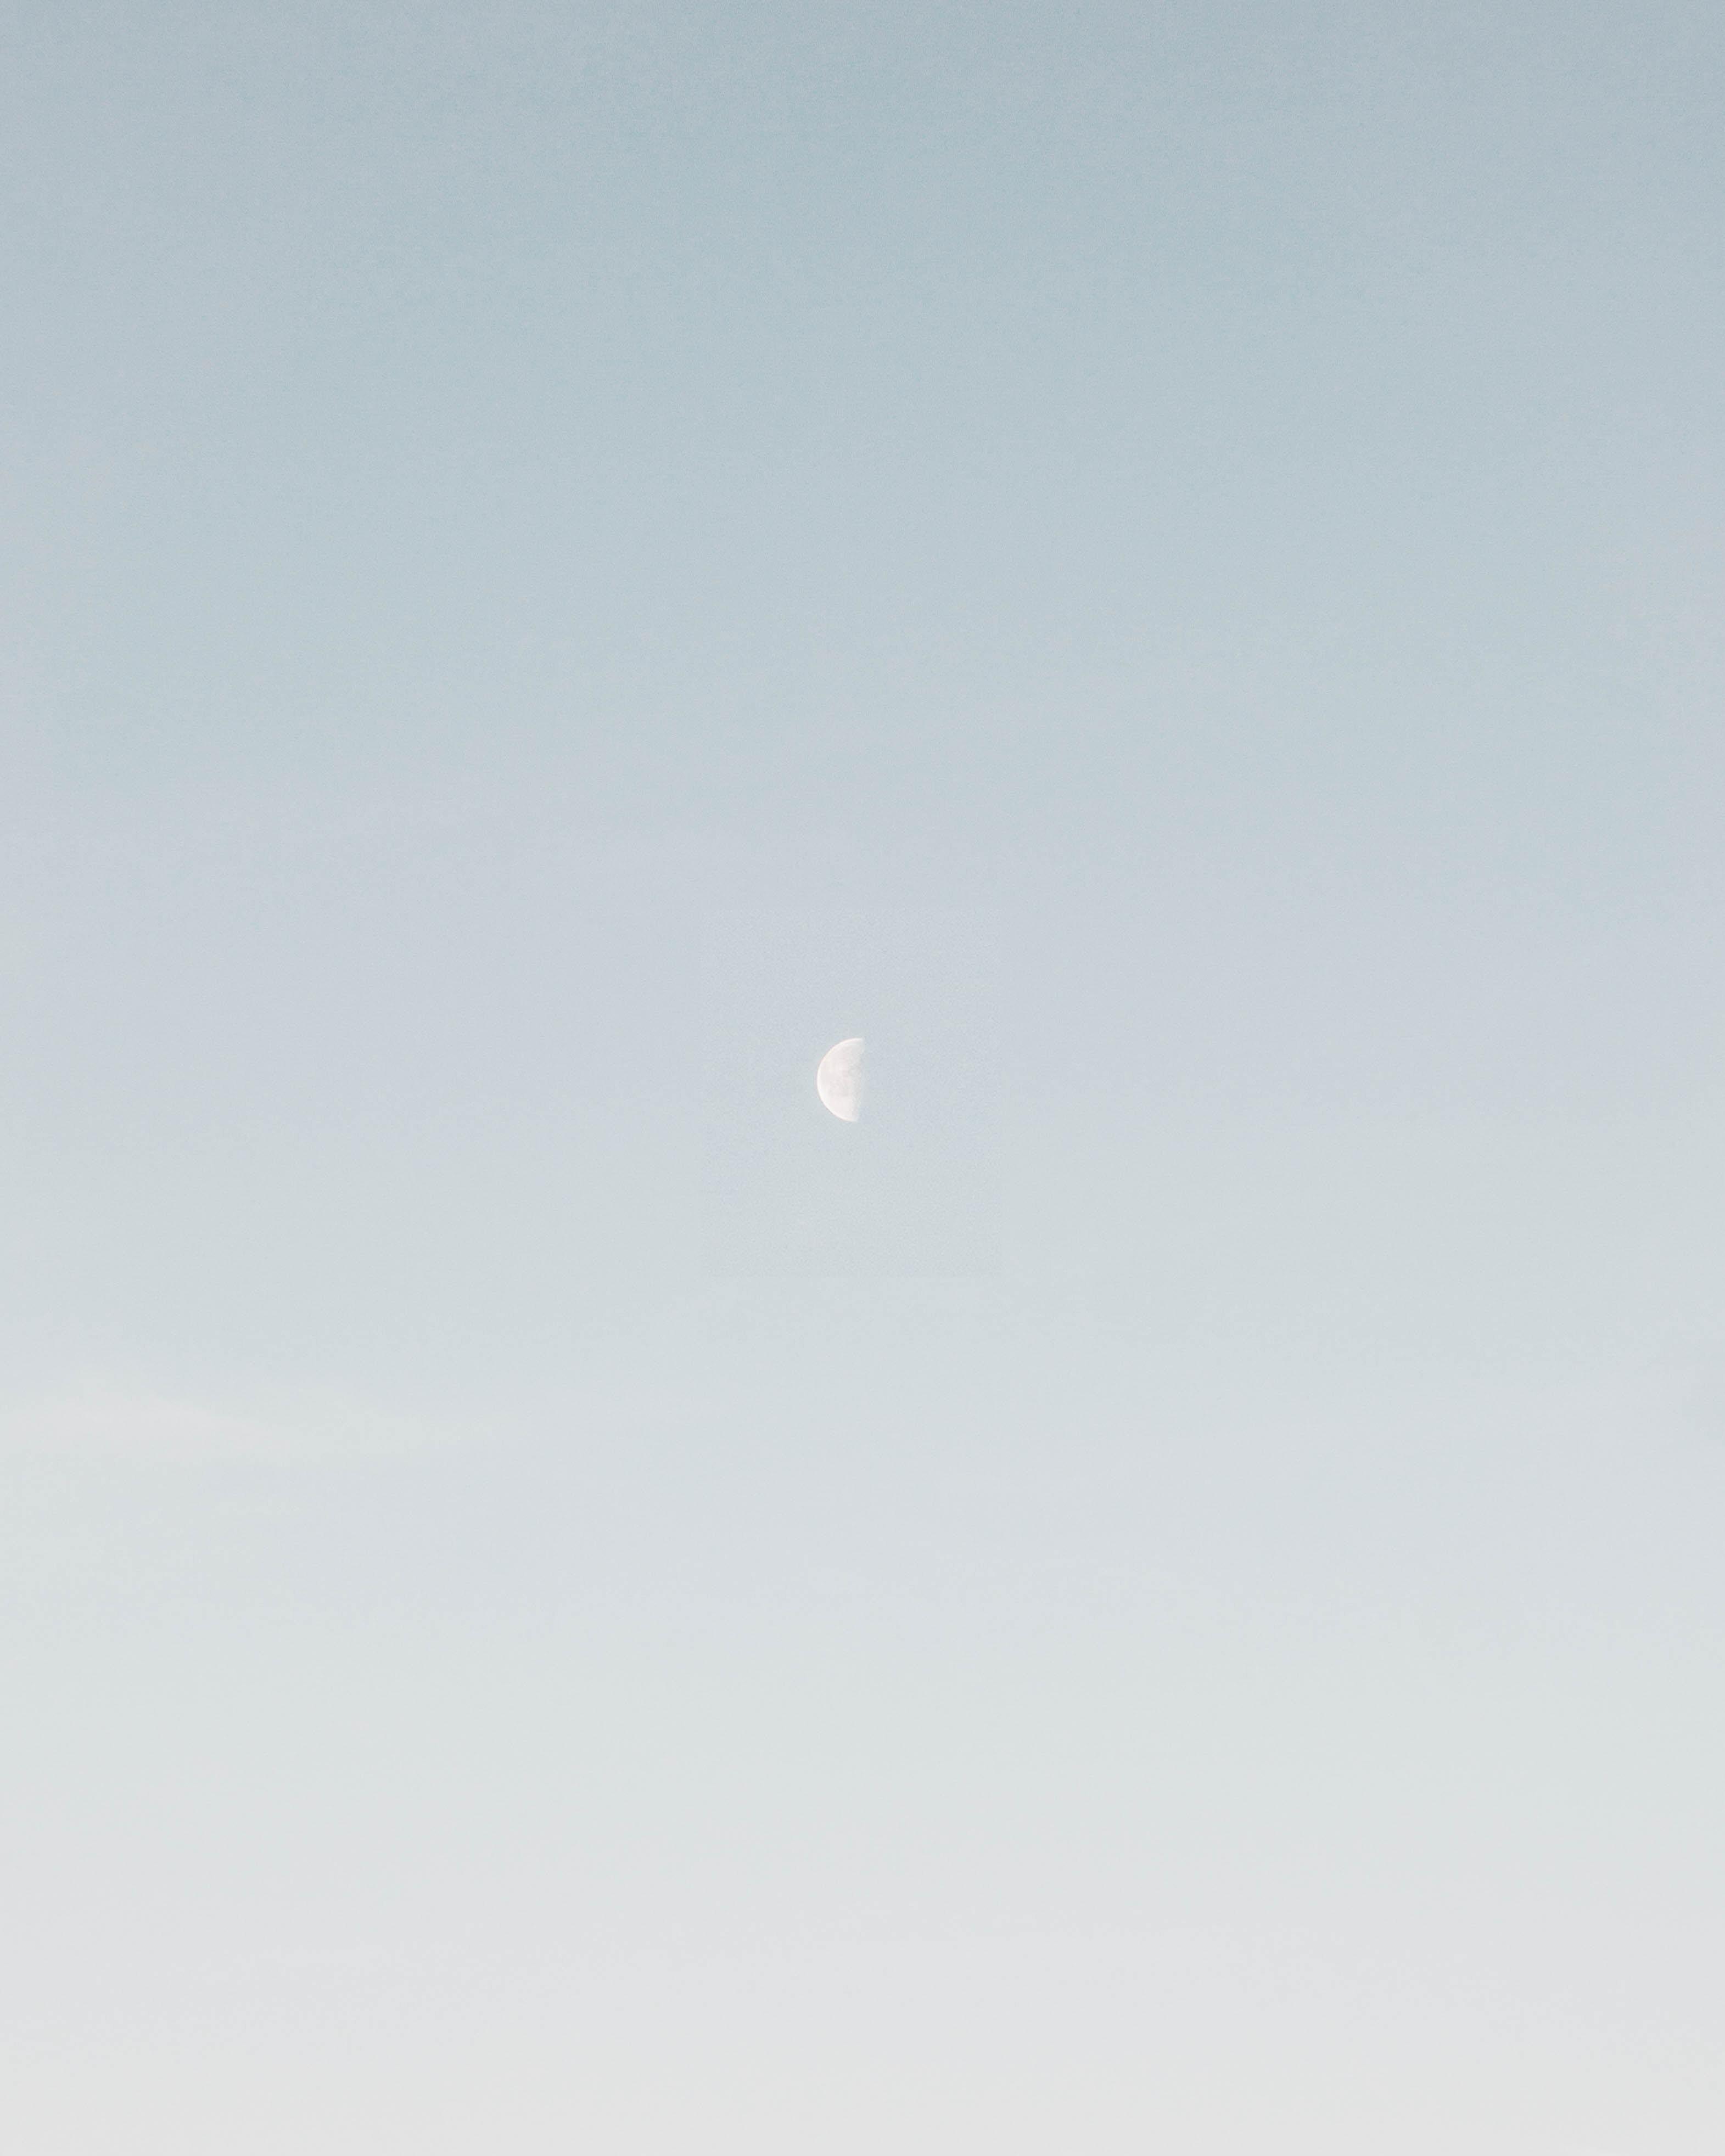 De energie van de nieuwe maan